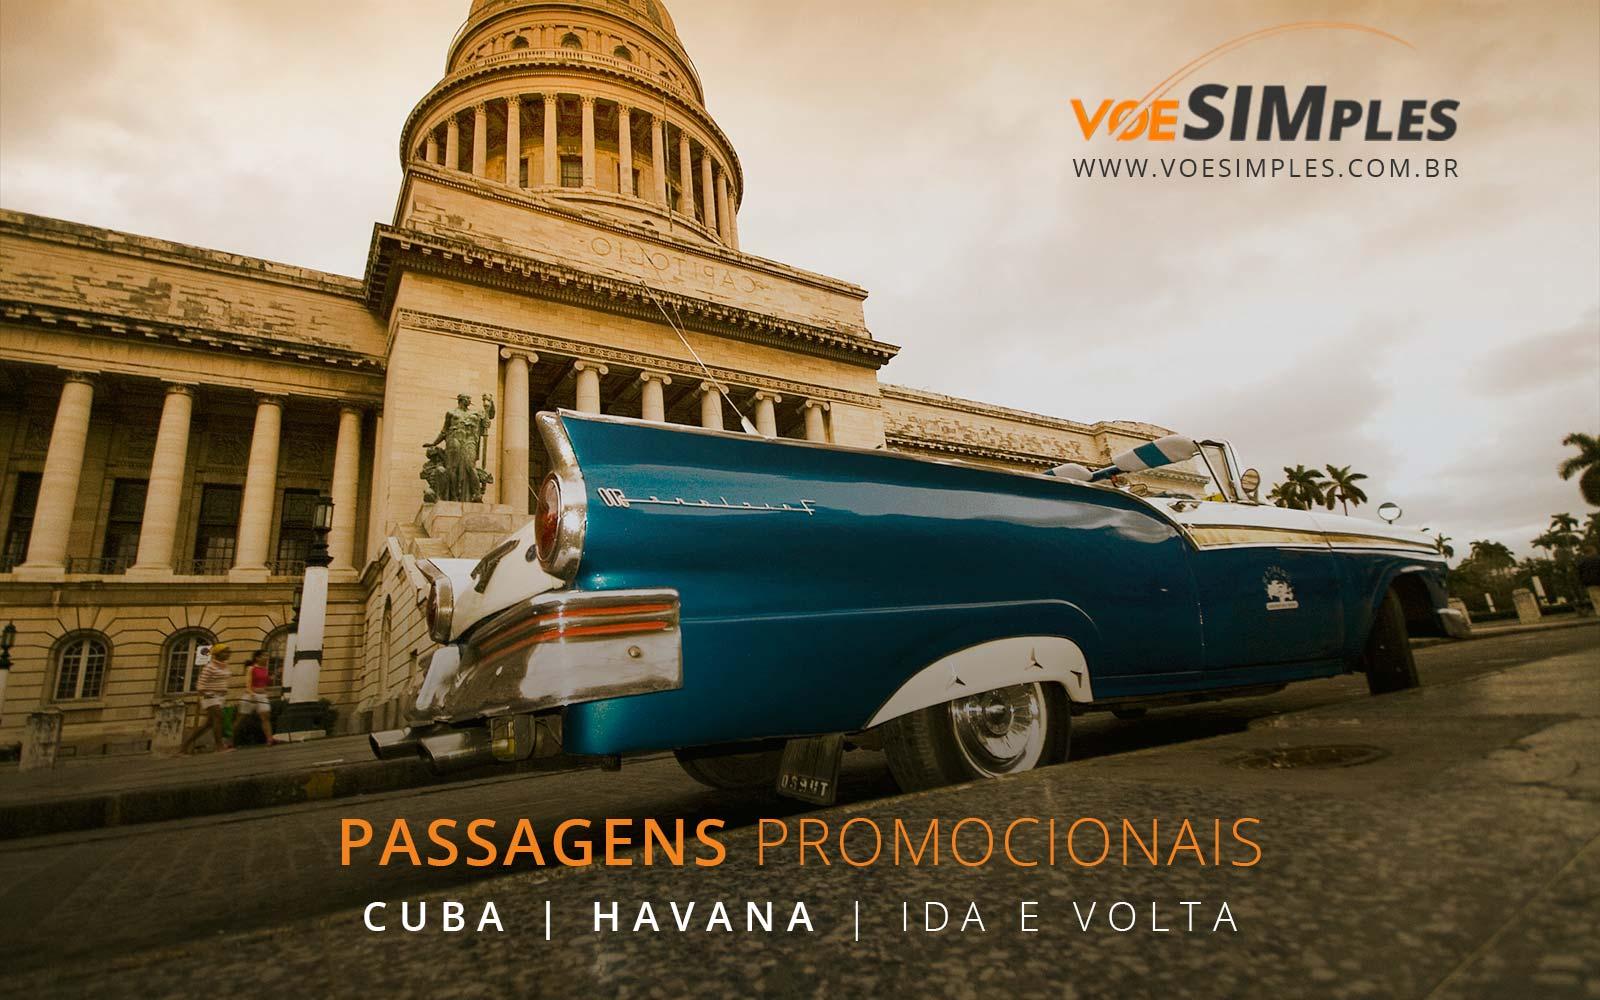 Passagens aéreas promocionais para Havana em Cuba!